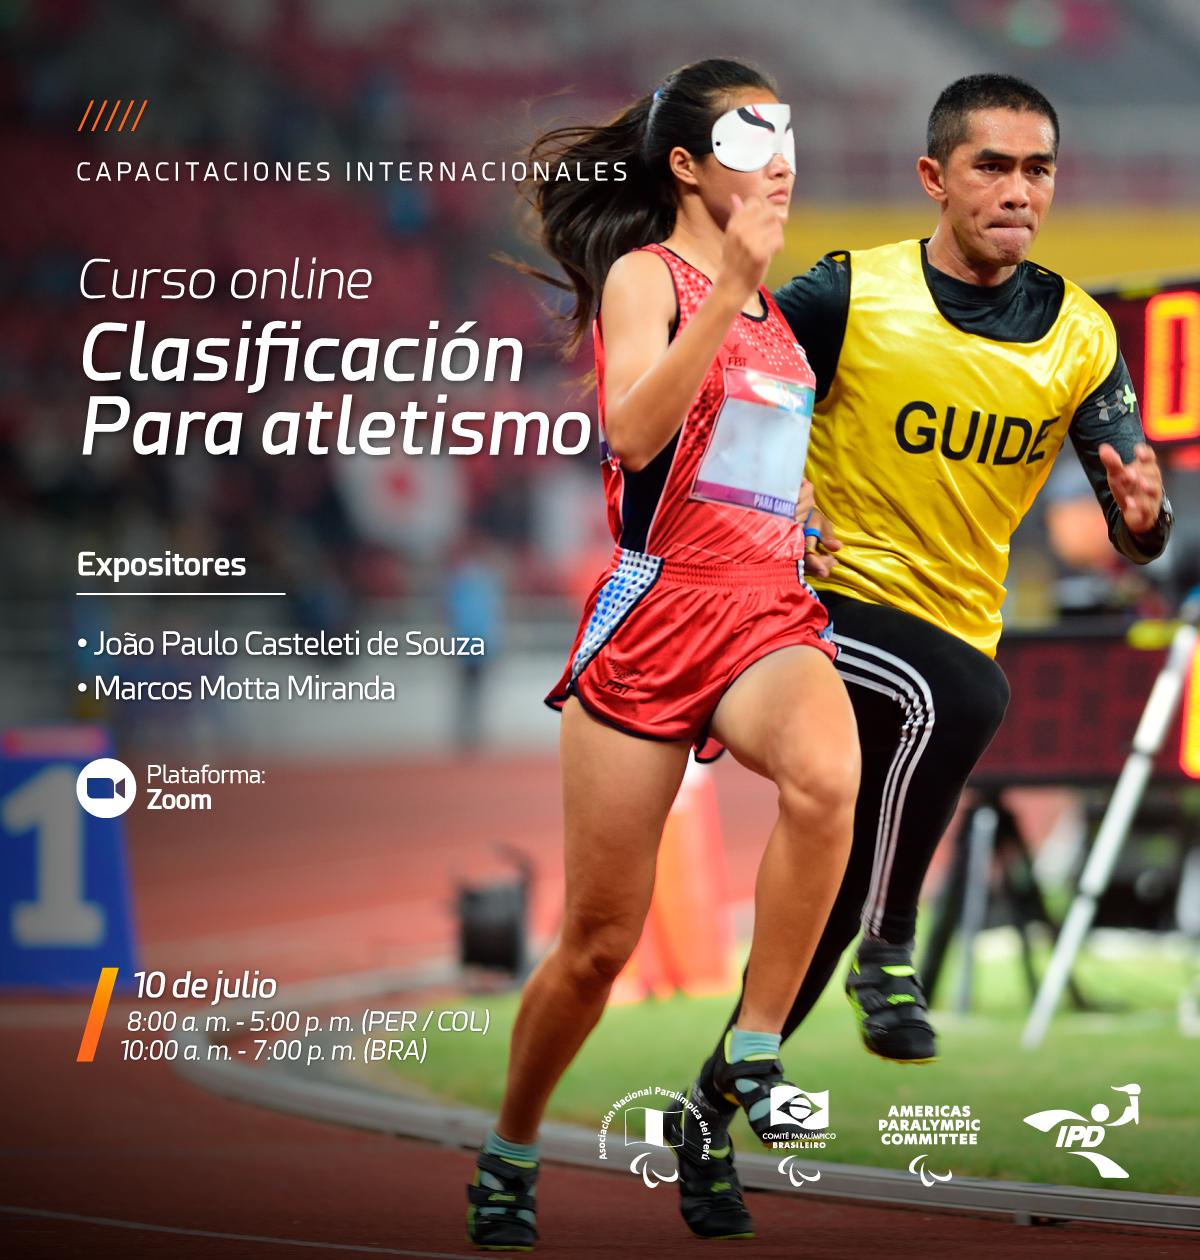 Imagem do cartaz do curso com a foto de uma atleta deficiente visual na pista de corrida com o seu atleta guia.